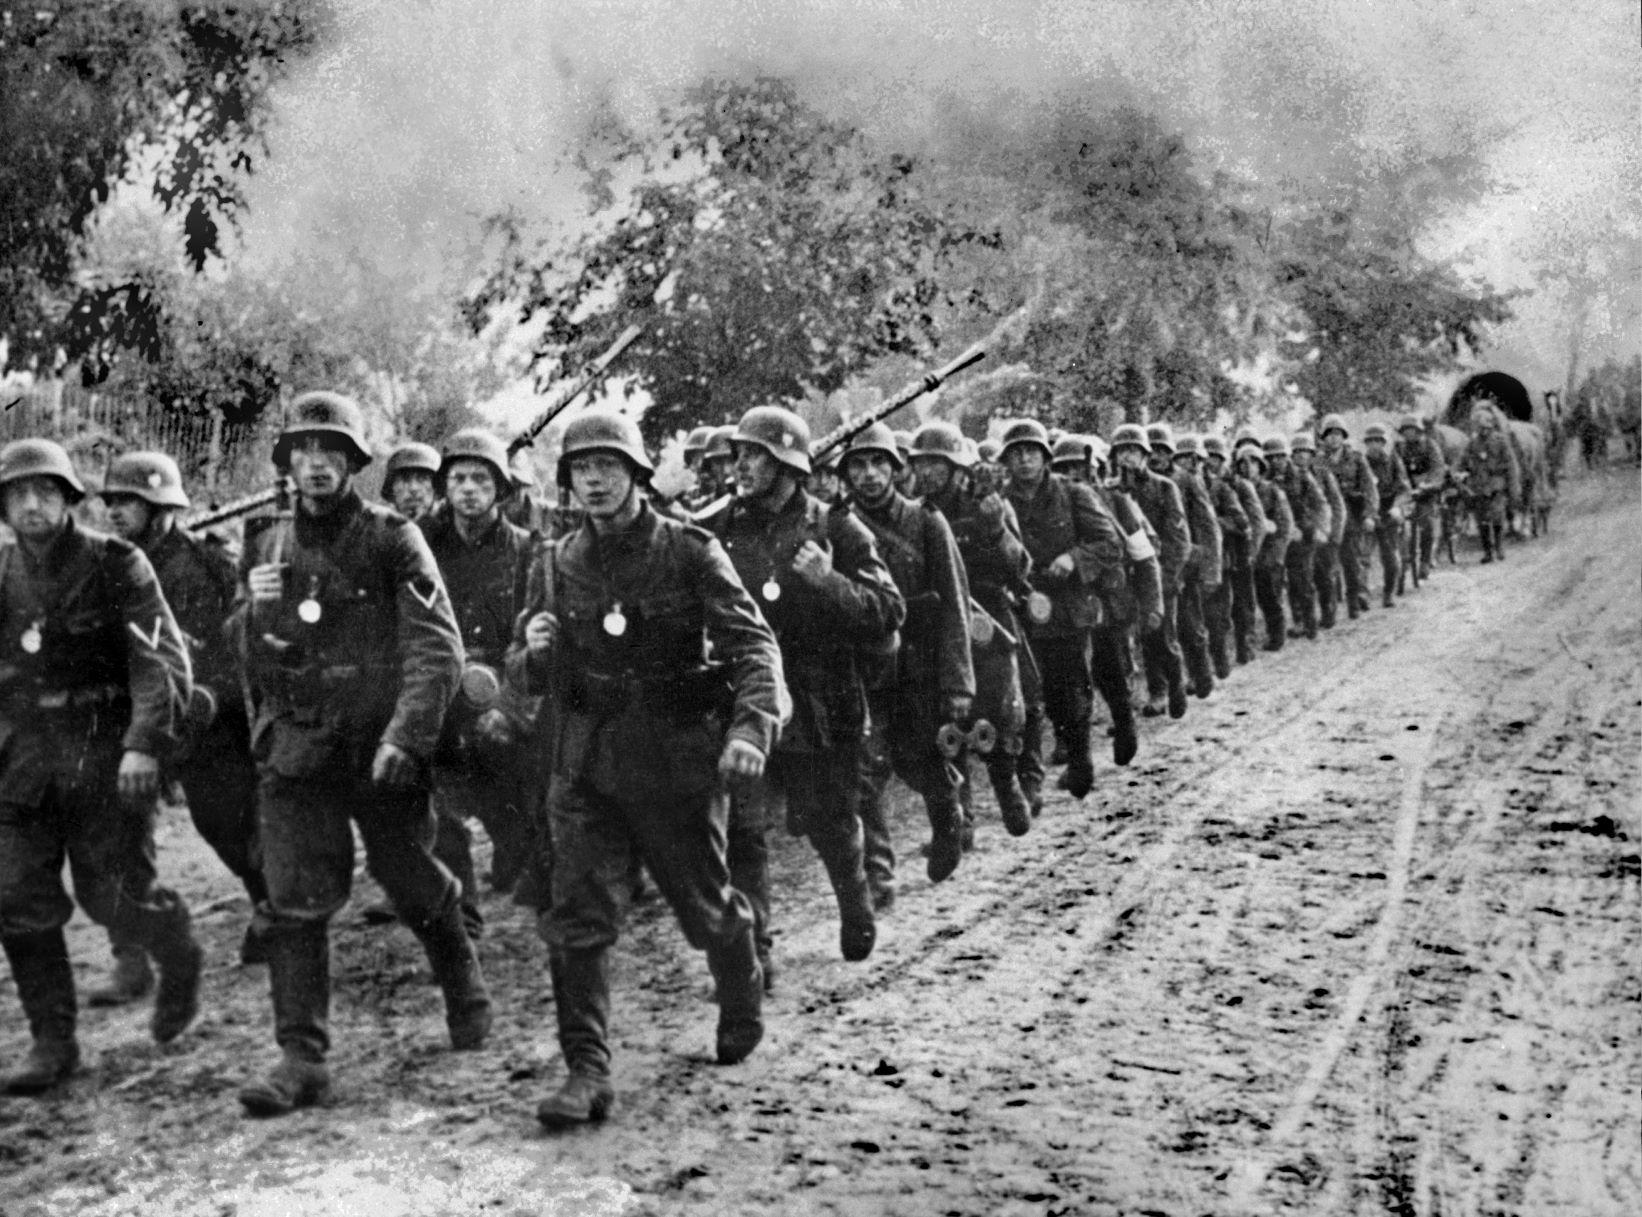 Con un 'falso positivo' empezó la Segunda Guerra Mundial hace 80 años